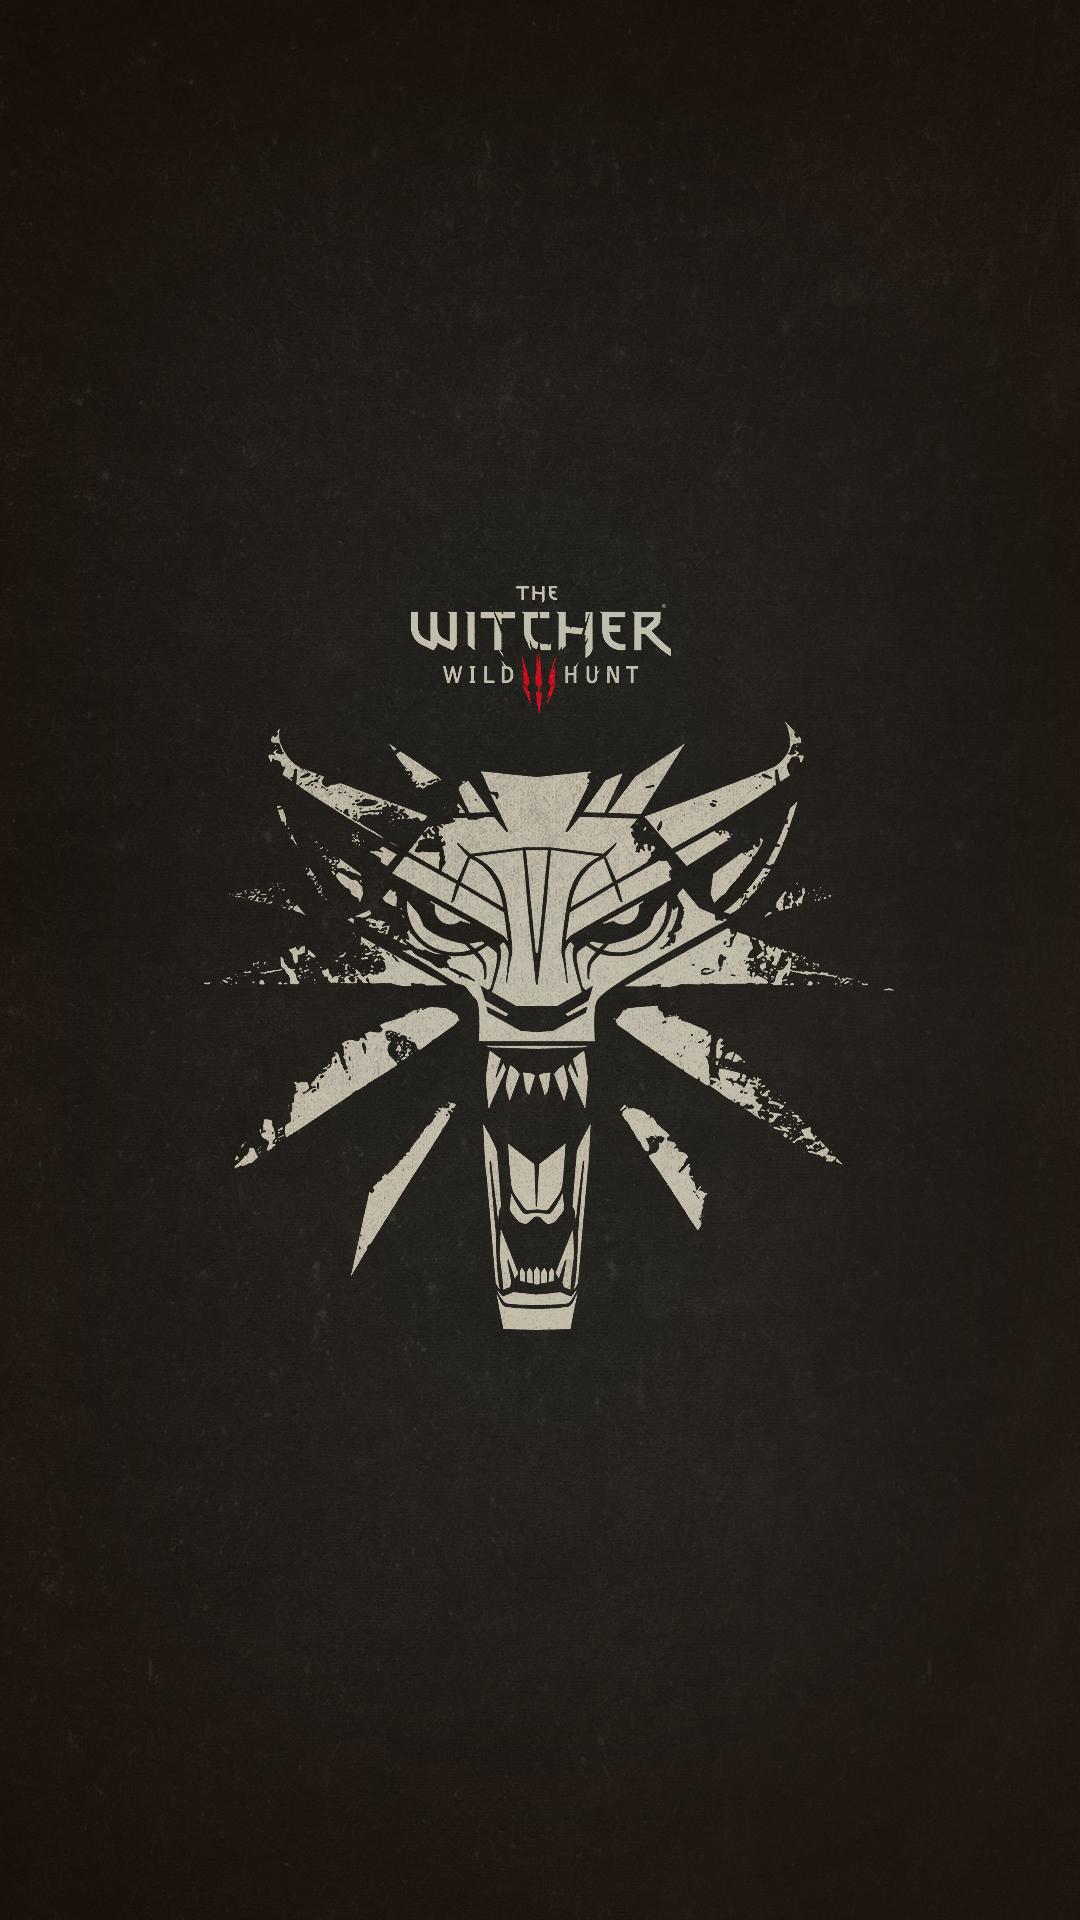 The Witcher Fentezi Risunki Igrovye Arty Hudozhestvennye Postery